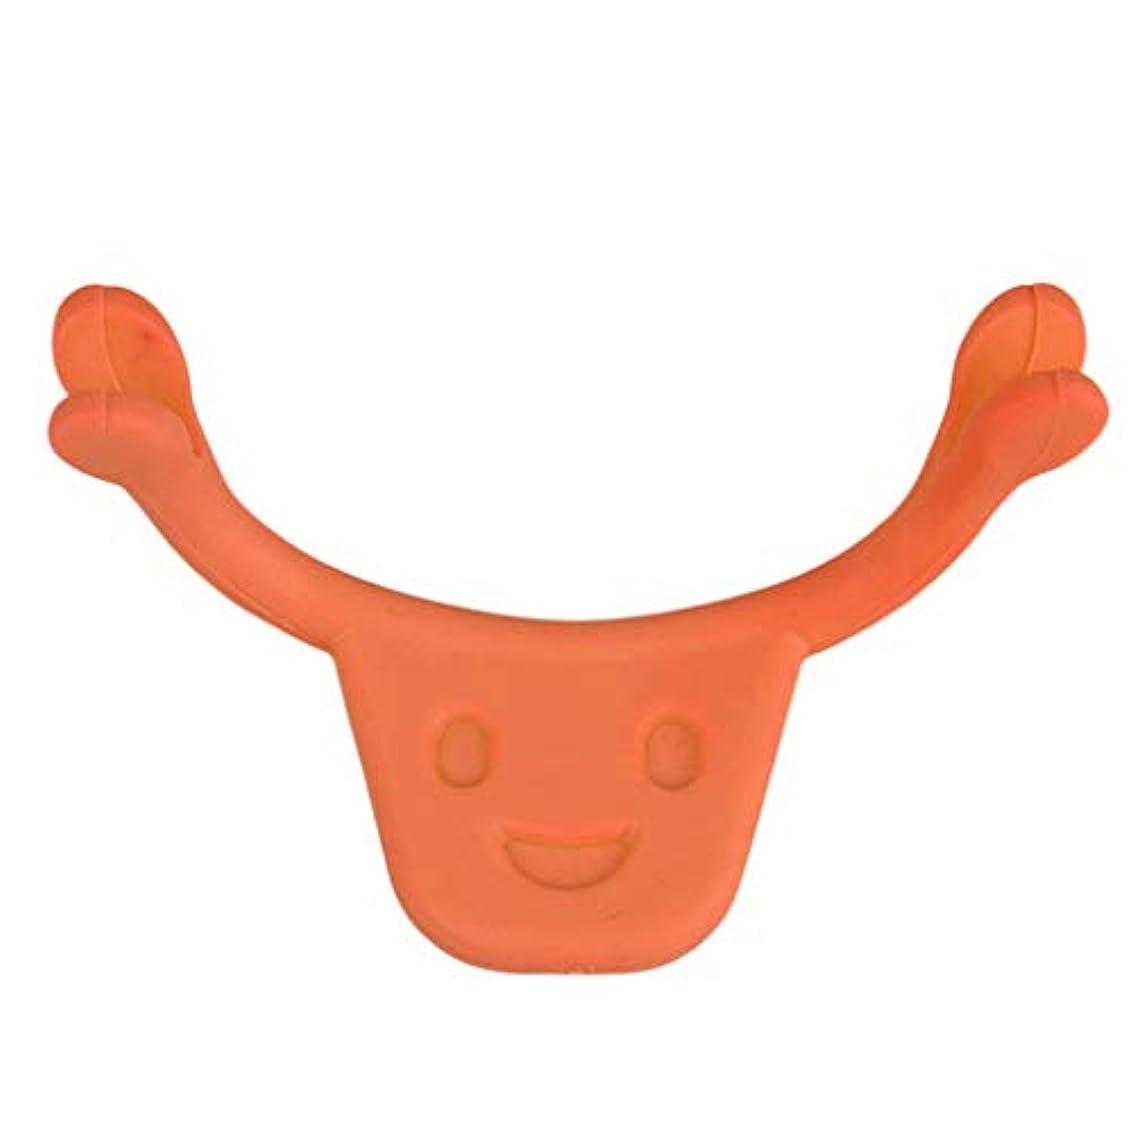 引数吸収する浸すsharprepublic 口角を上げるグッズ 表情筋 トレーニング 笑顔 二重あご 消す 小顔 ストレッチ 小顔矯正 全2色 - オレンジ